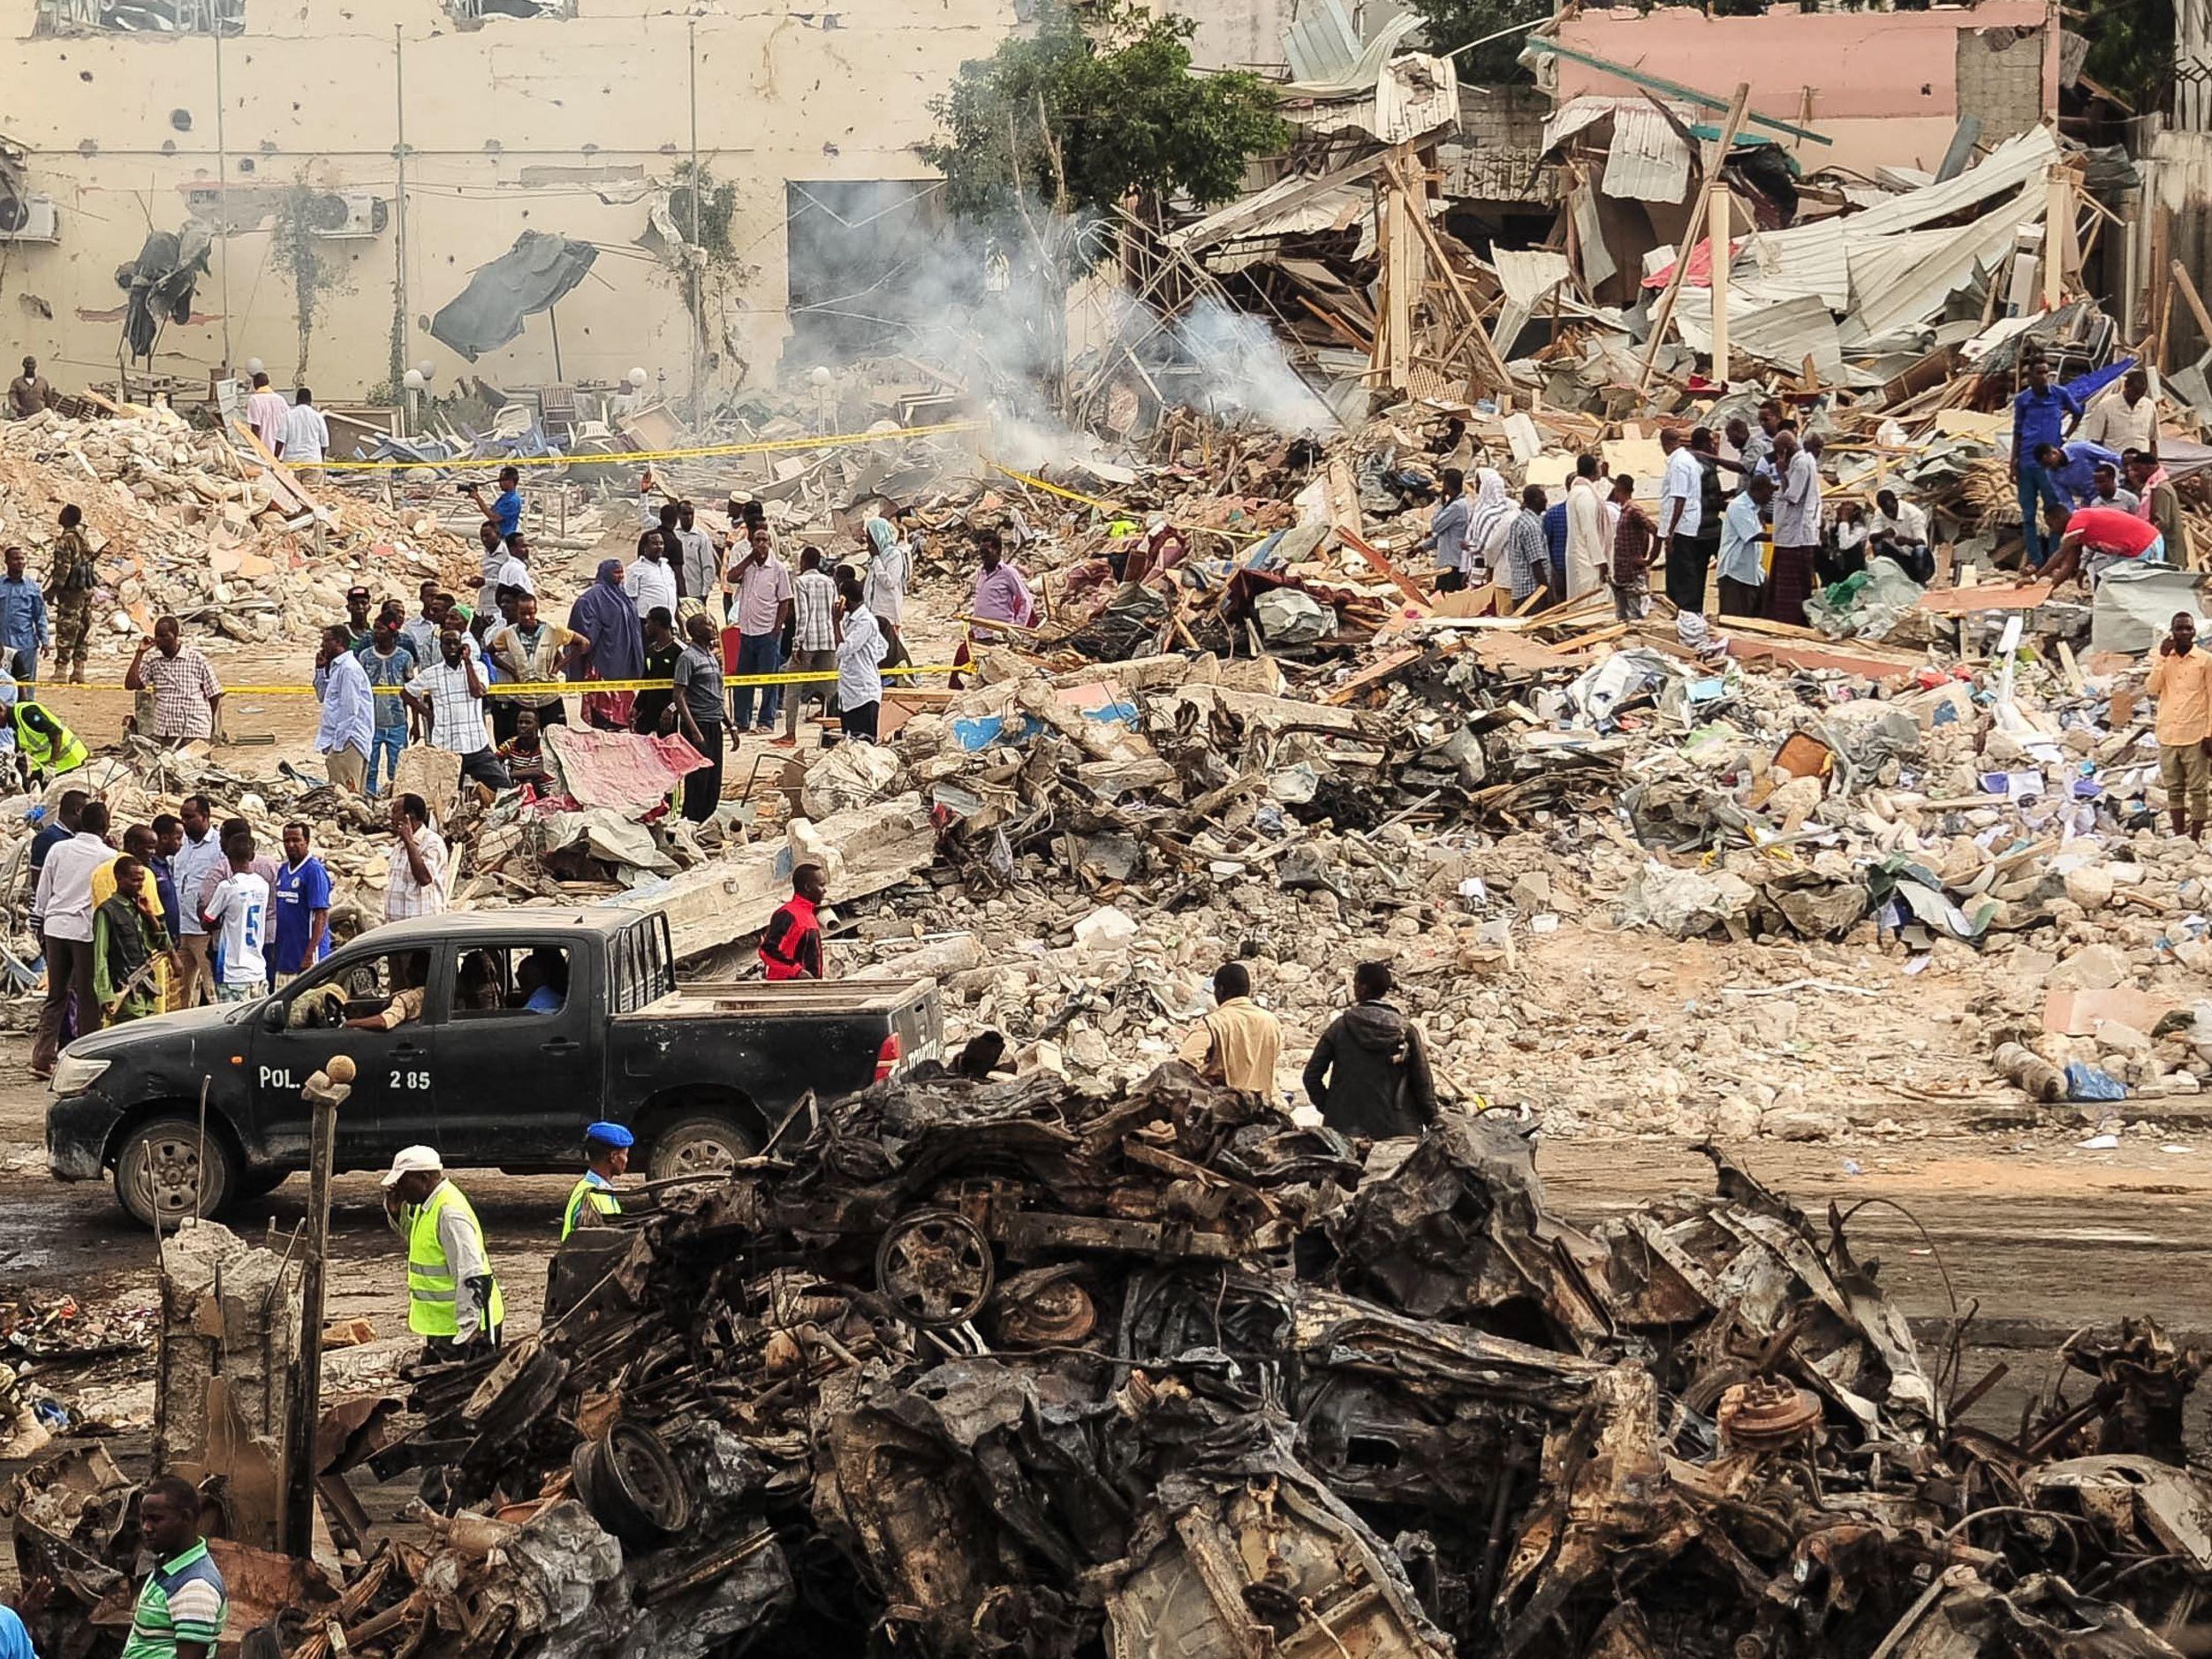 512 killed in deadliest bombing in Somalia